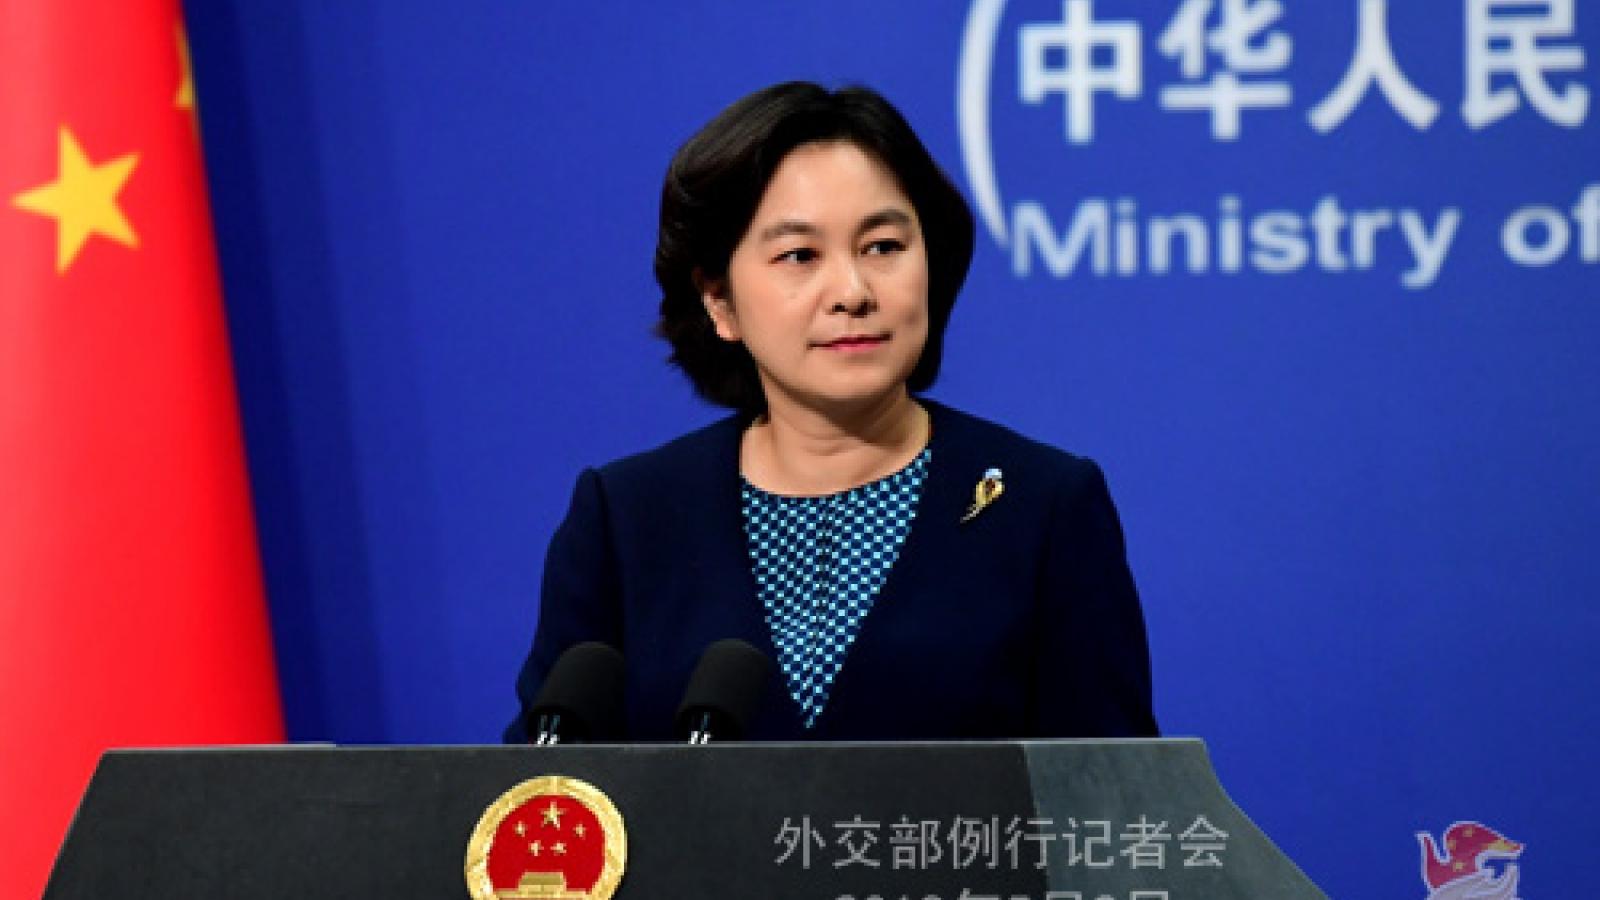 Trung Quốc chỉ trích cách hành xử của Mỹ với các công ty viễn thông của nước này